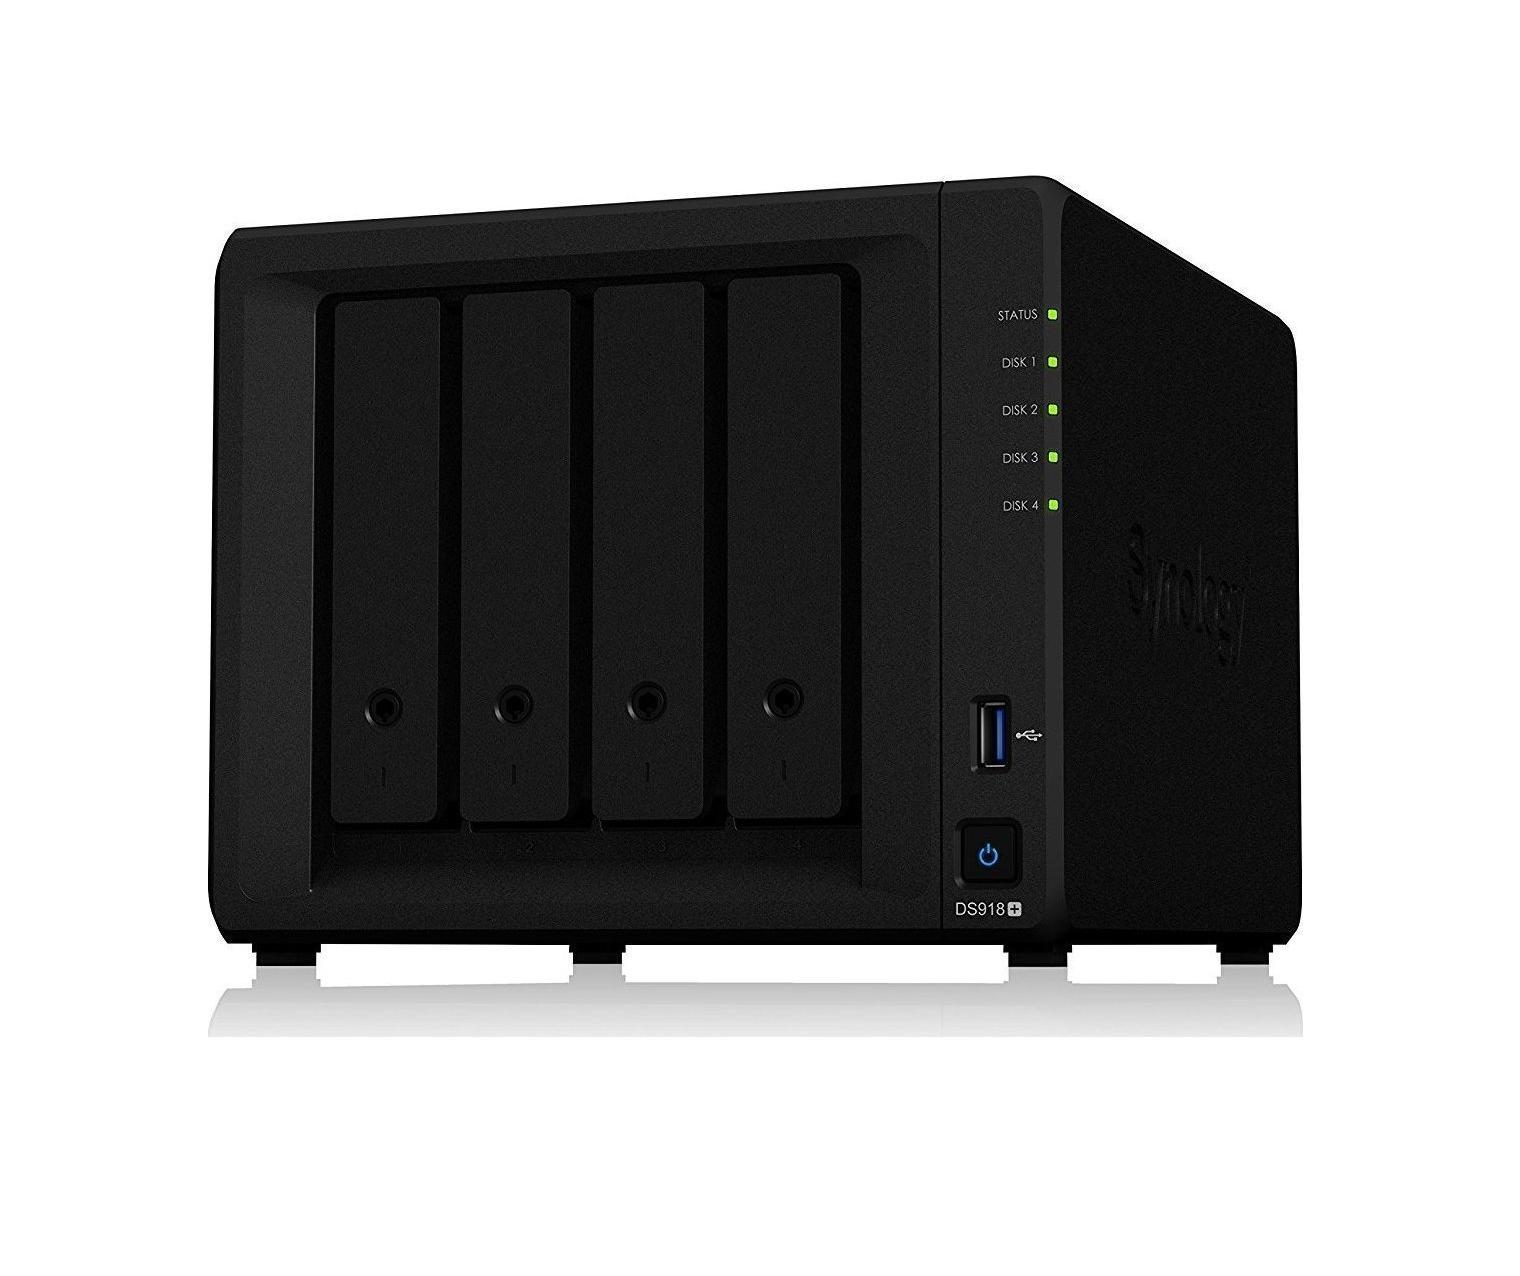 Synology DiskStation DS918+  NAS Server Πληρωμή έως 24 δόσεις